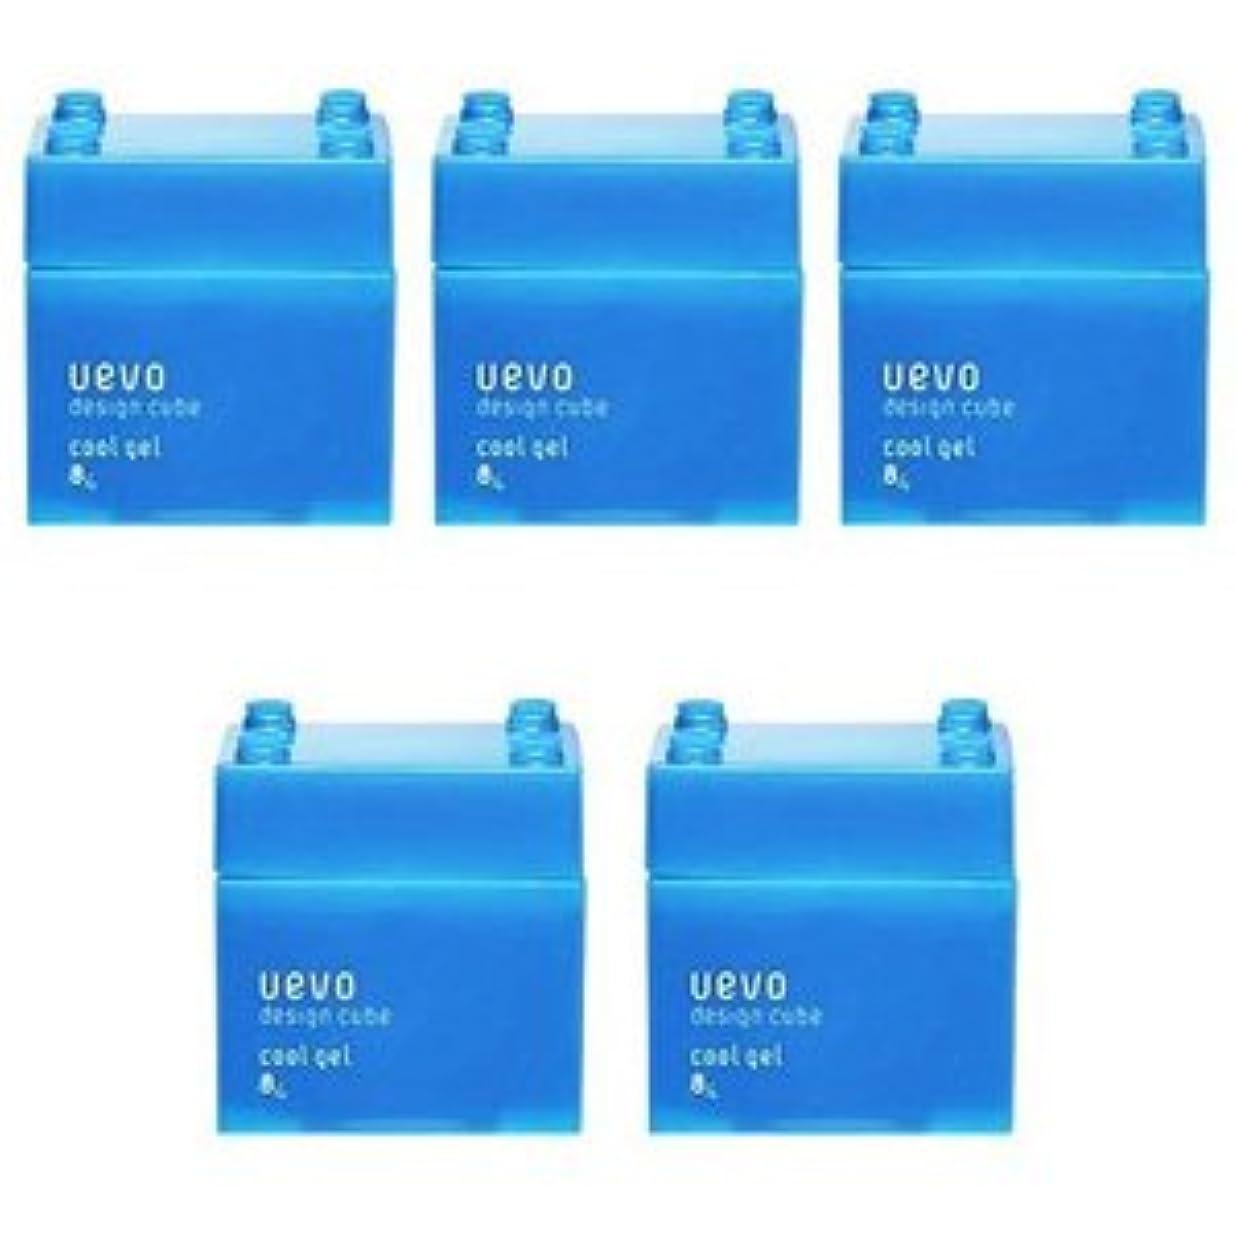 ポーズ物語会話型【X5個セット】 デミ ウェーボ デザインキューブ クールジェル 80g cool gel DEMI uevo design cube